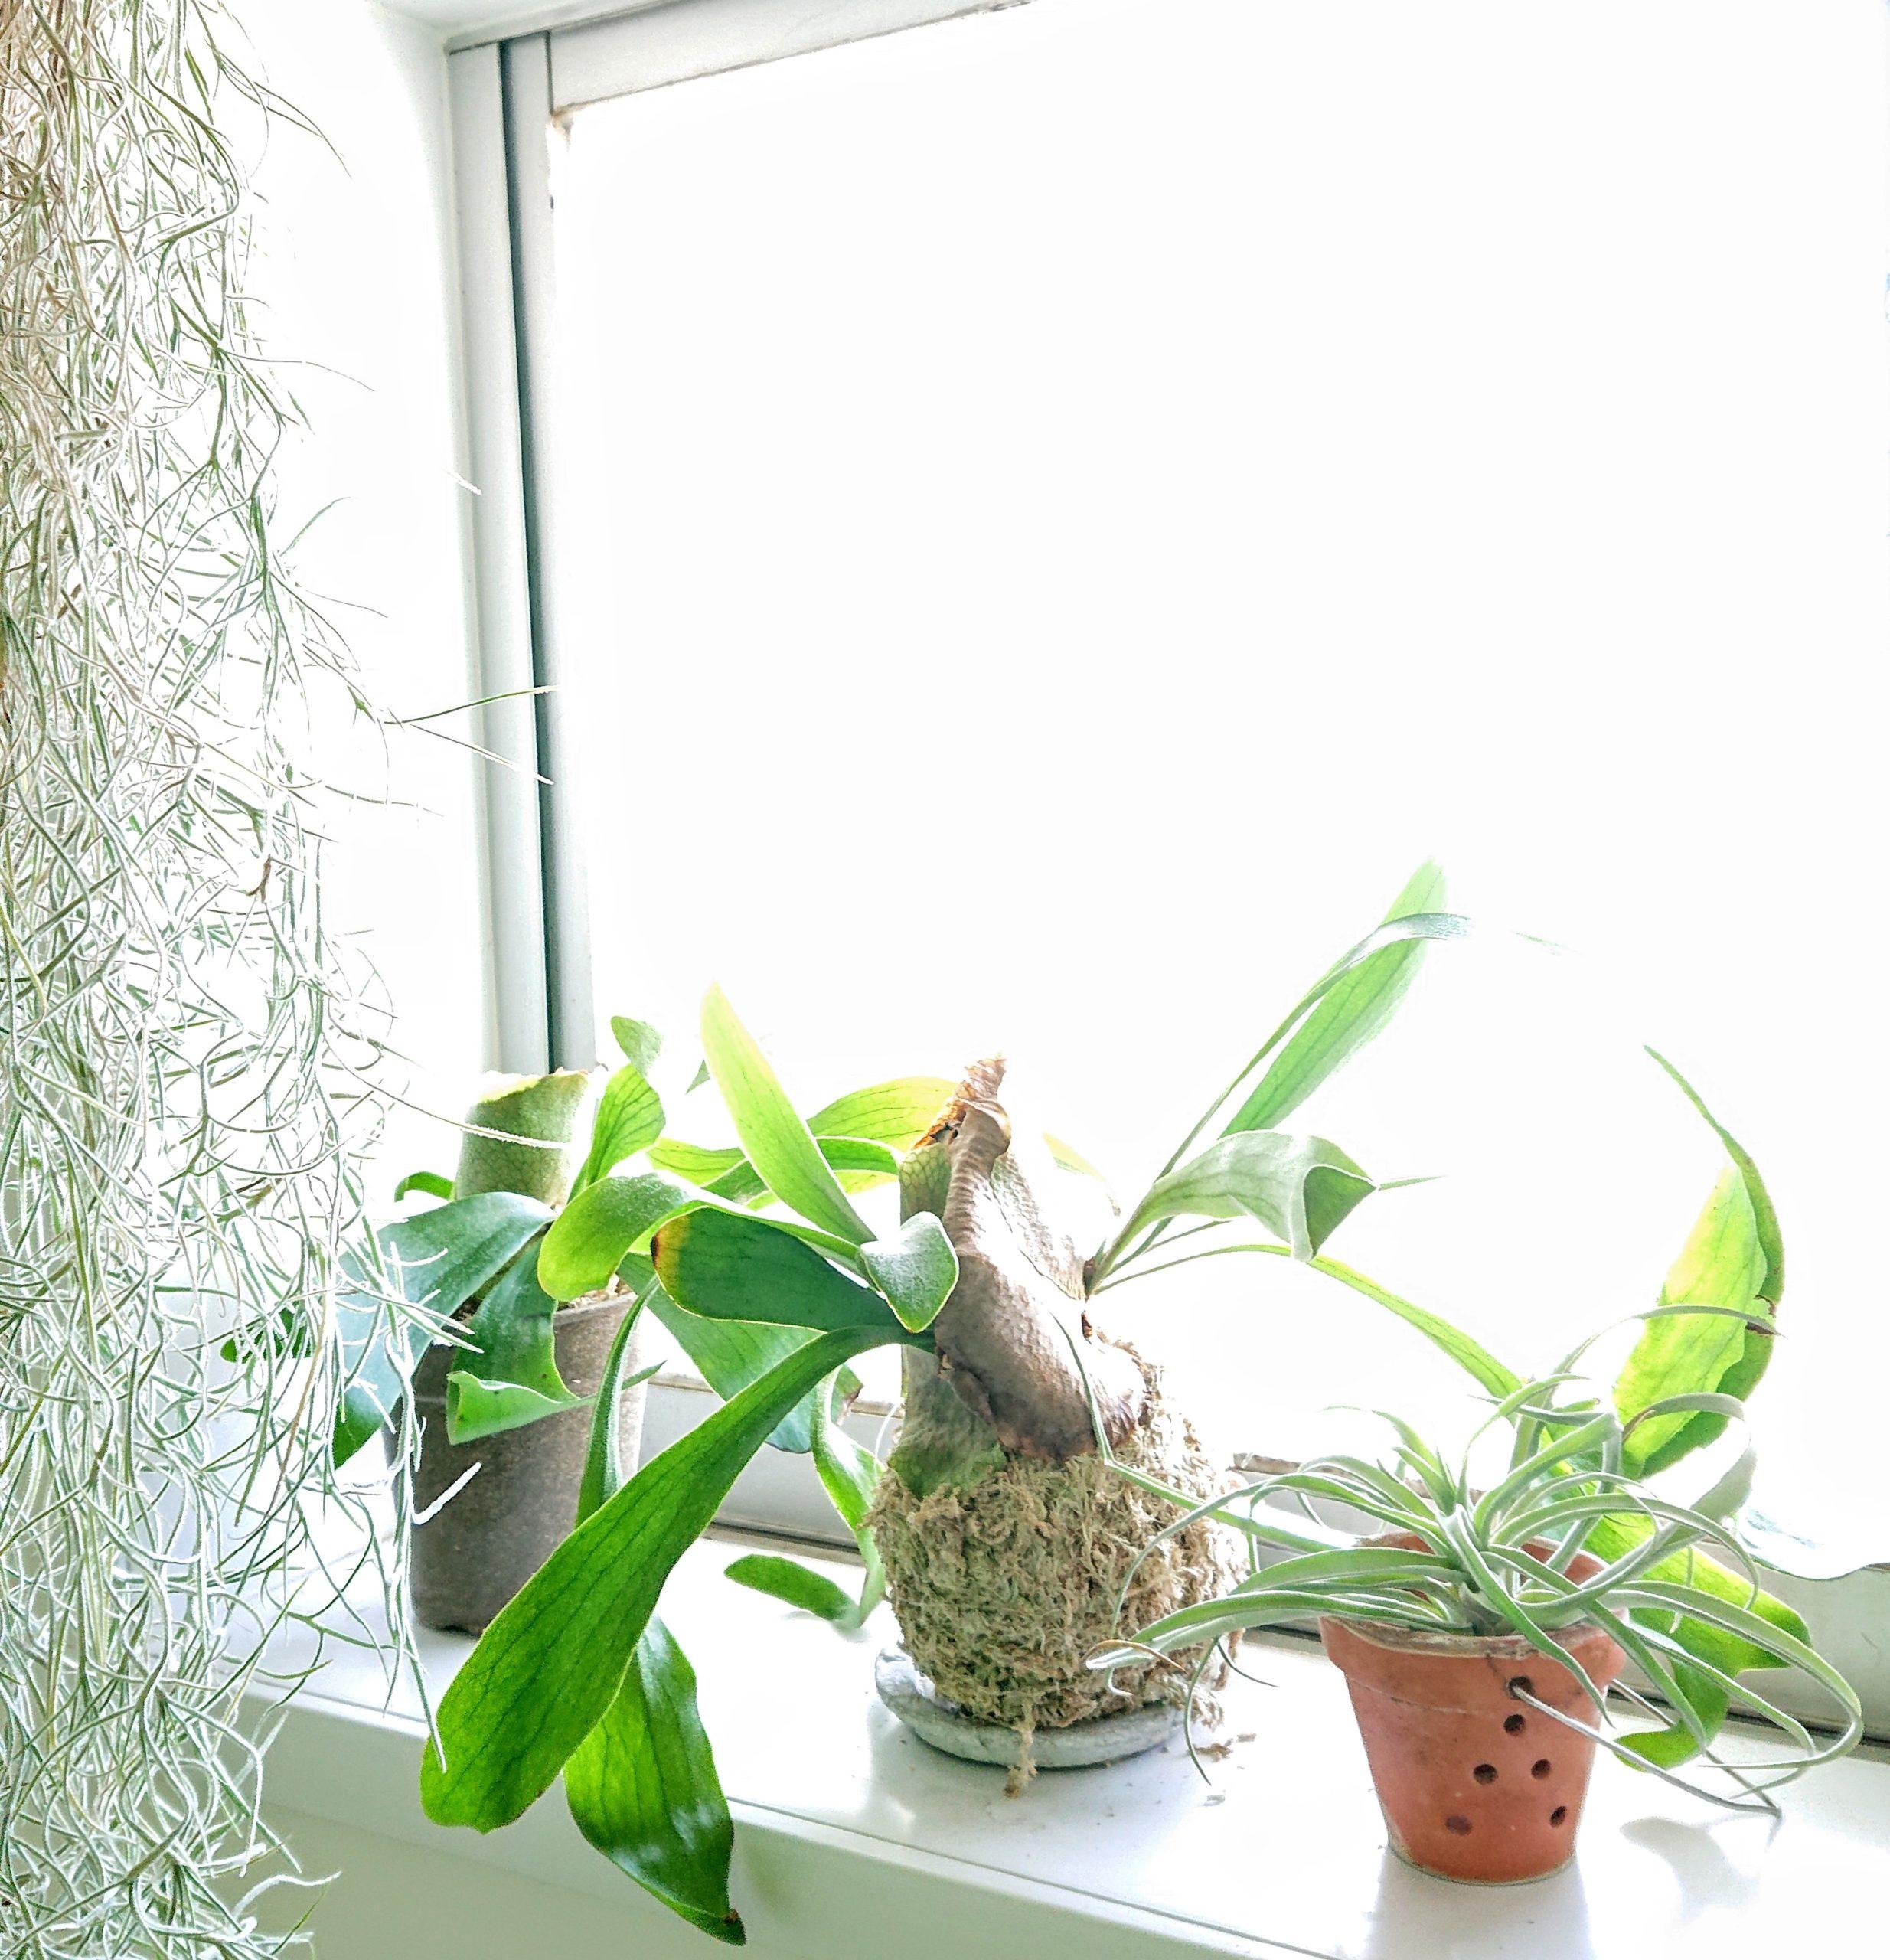 image_着生植物